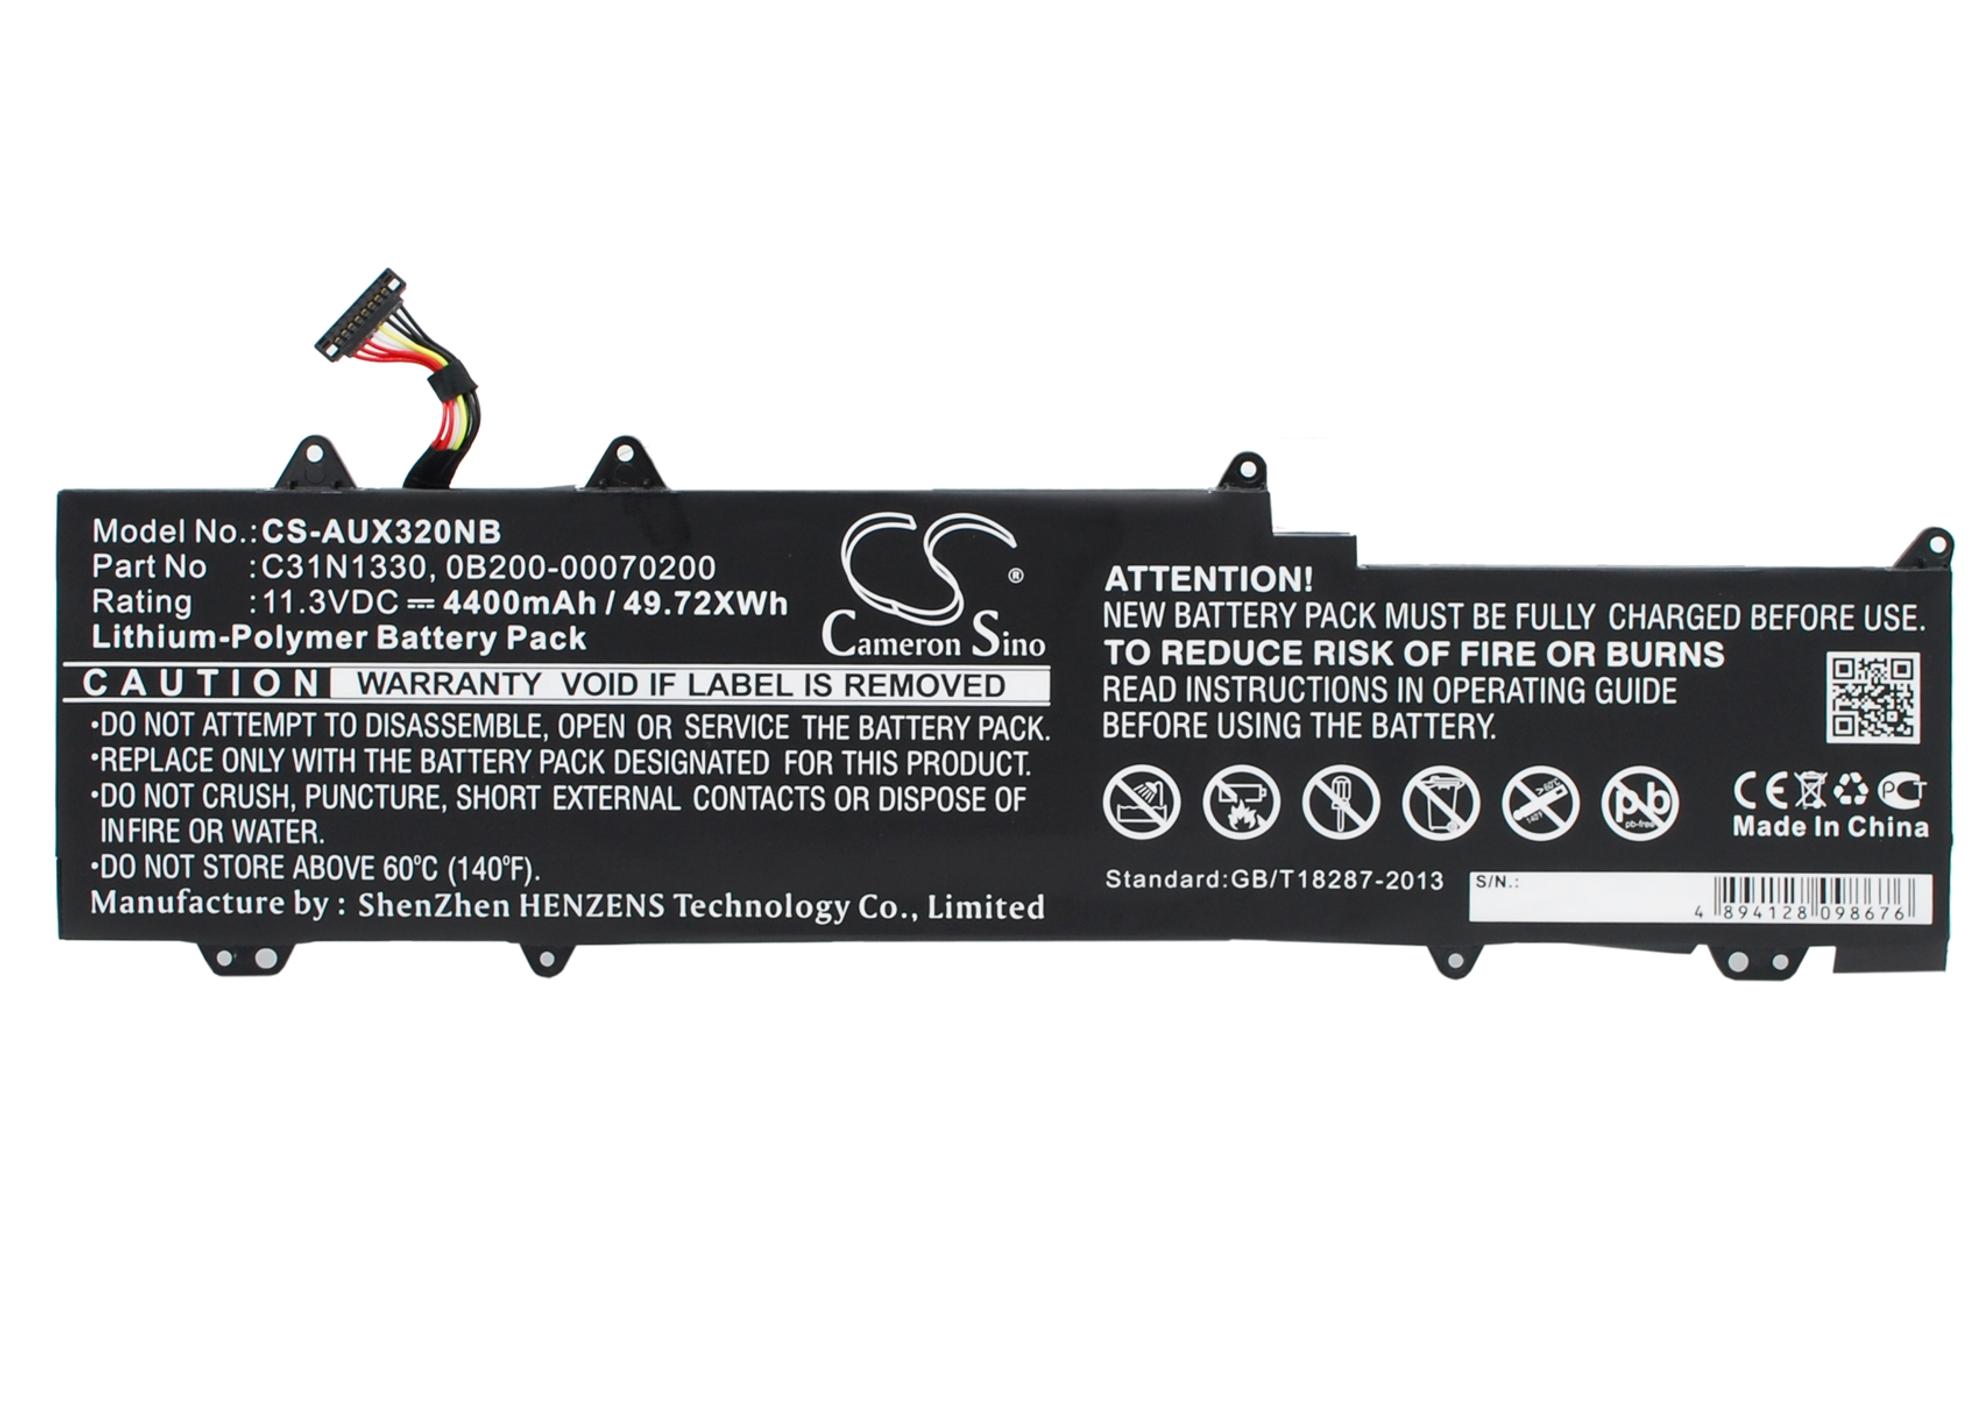 Cameron Sino baterie do notebooků pro ASUS Zenbook UX32LA-R3014H 11.3V Li-Polymer 4400mAh černá - neoriginální